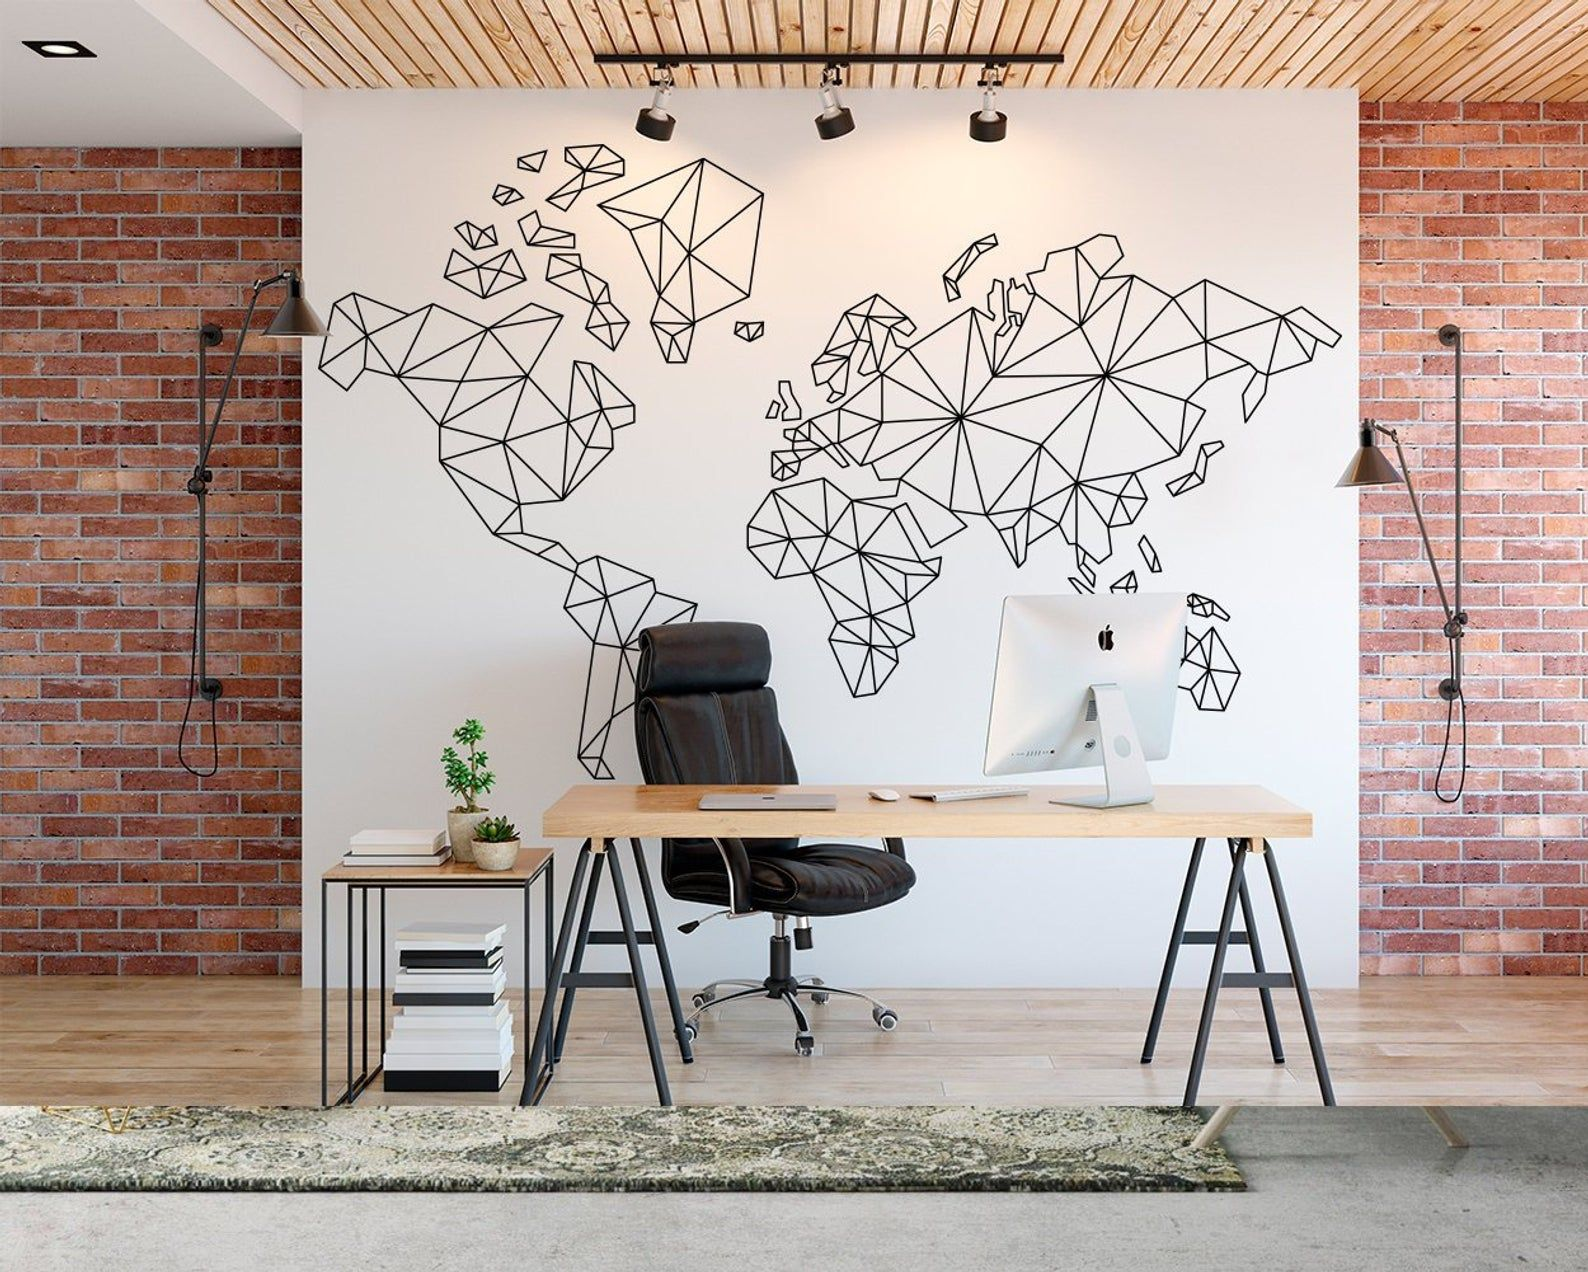 World Map Decal Geometric Wall Art Office Decor Abstract Art Large Decal Geometric Wall Art Minimalist Abstract Wall Art Modern Art With Images Geometric Wall Art Geometric Wall Abstract Wall Art